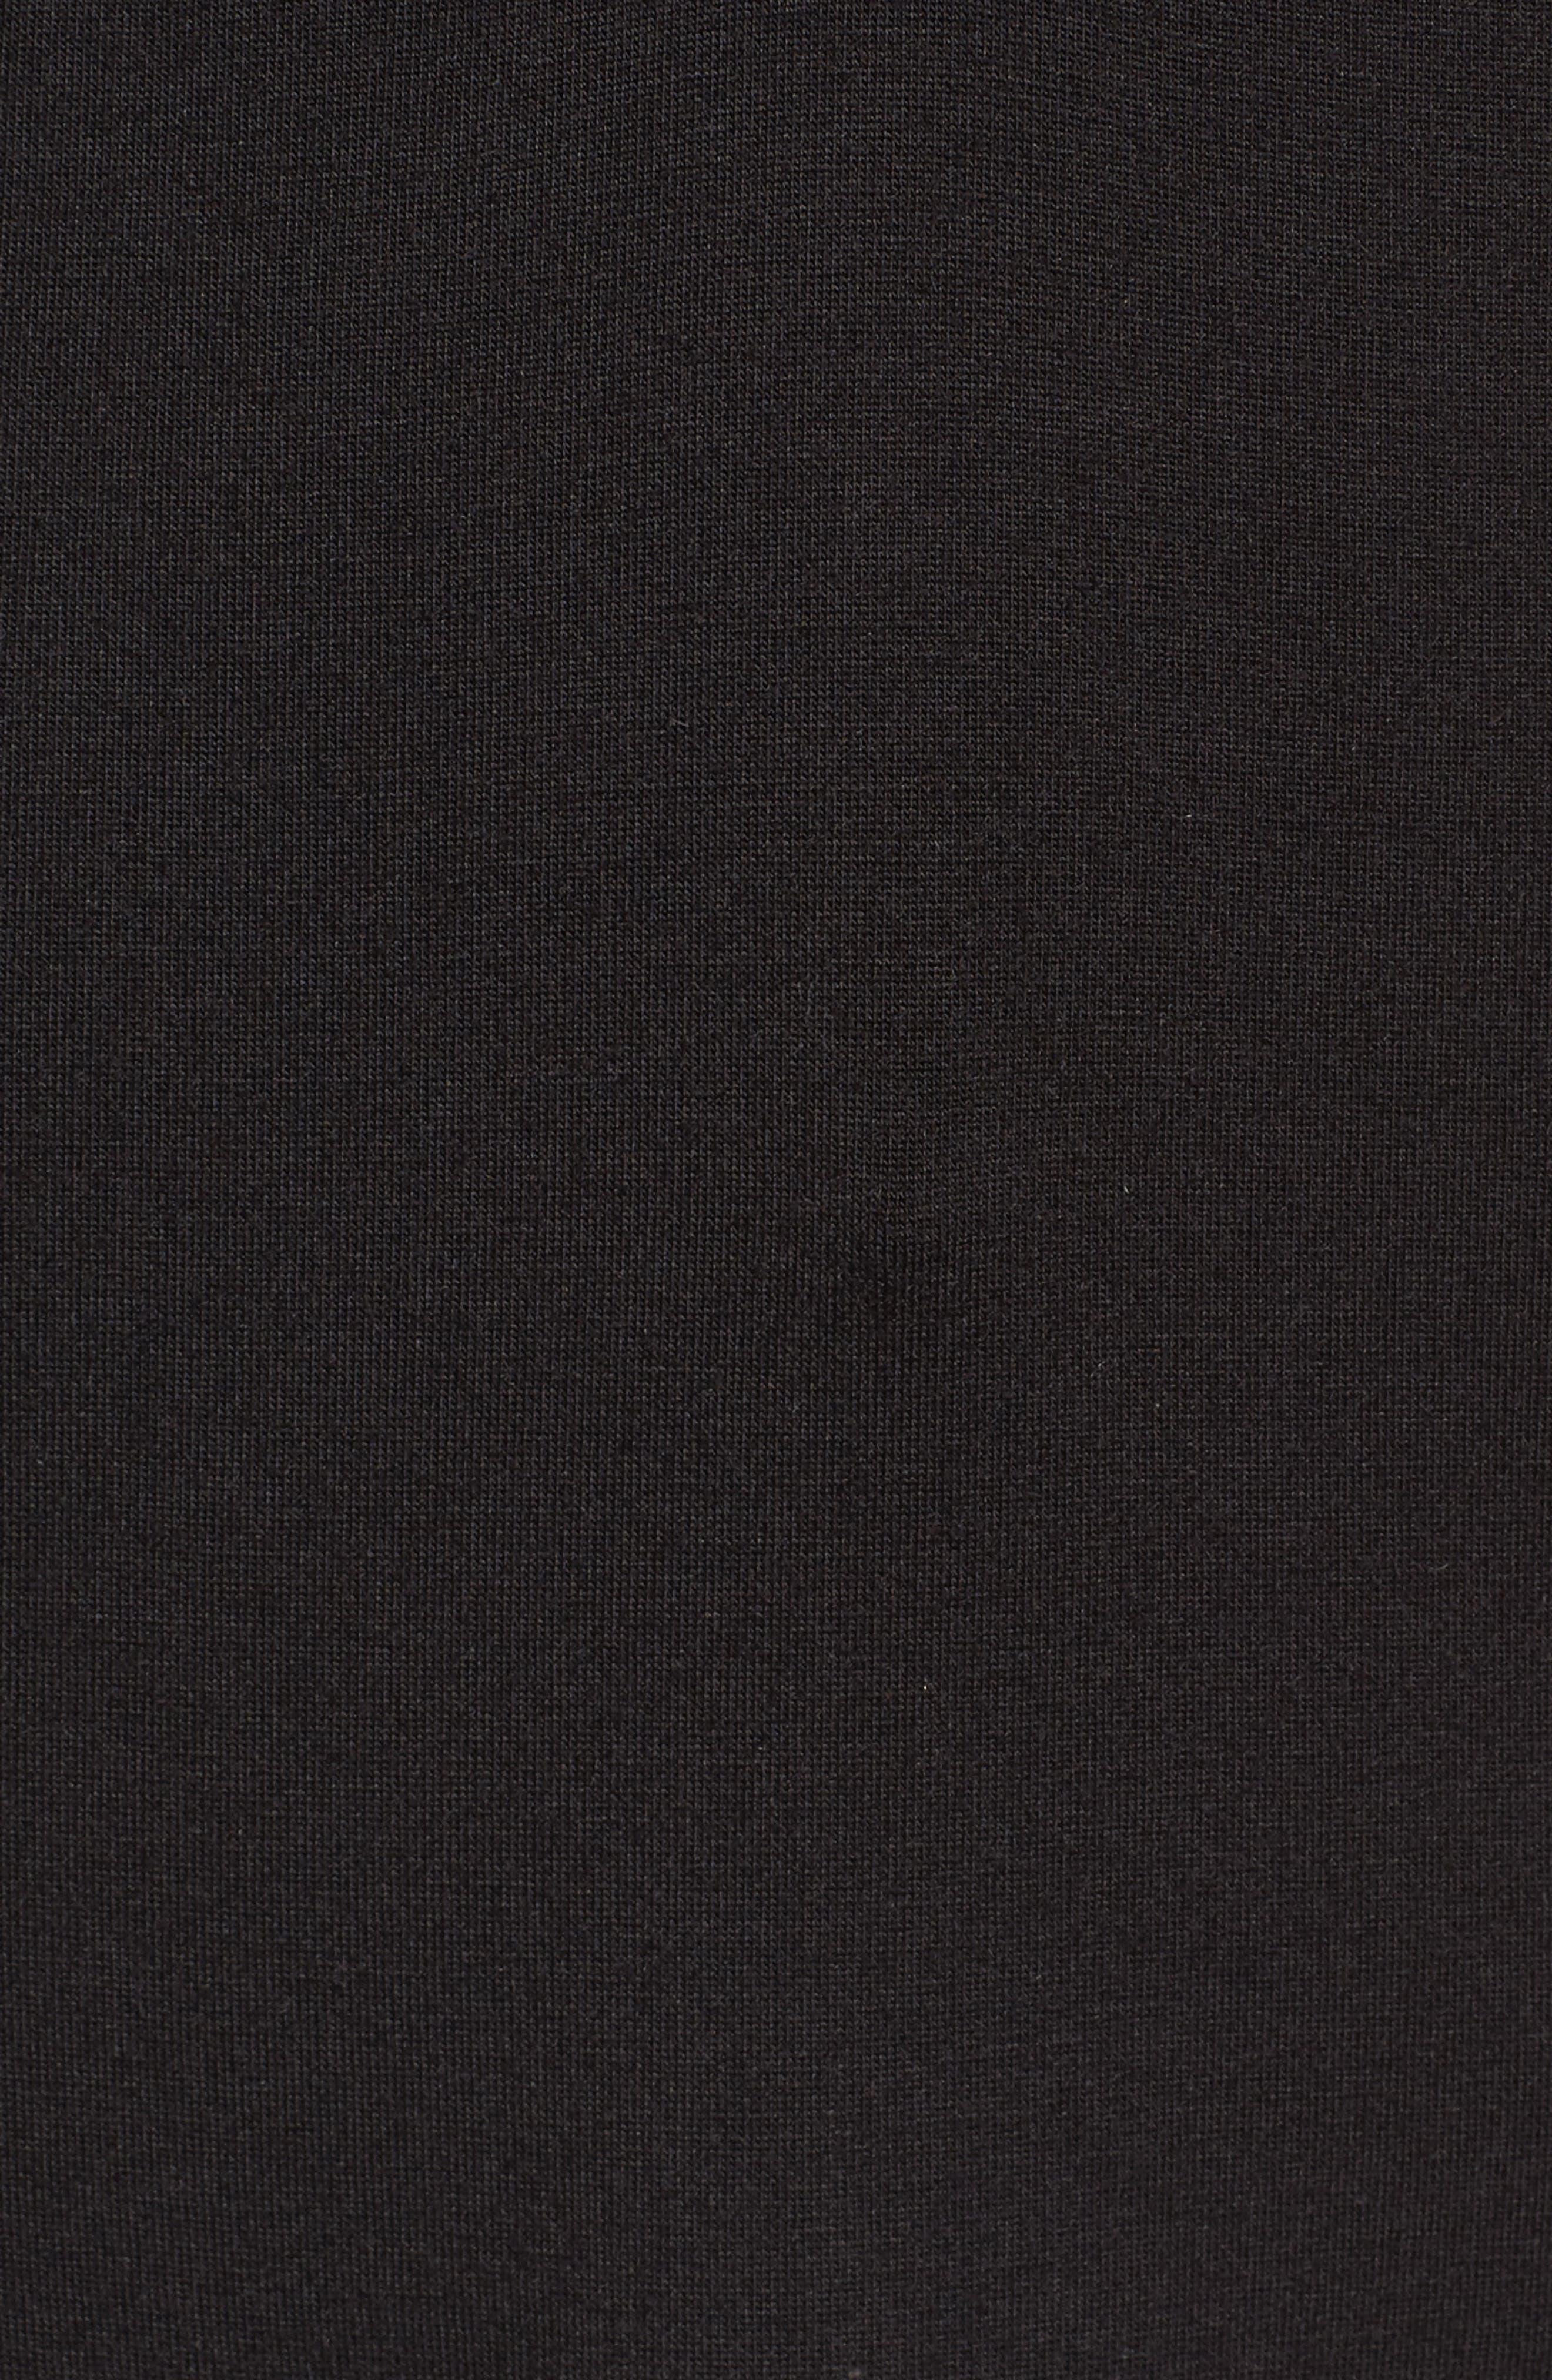 Eden Top,                             Alternate thumbnail 5, color,                             Black